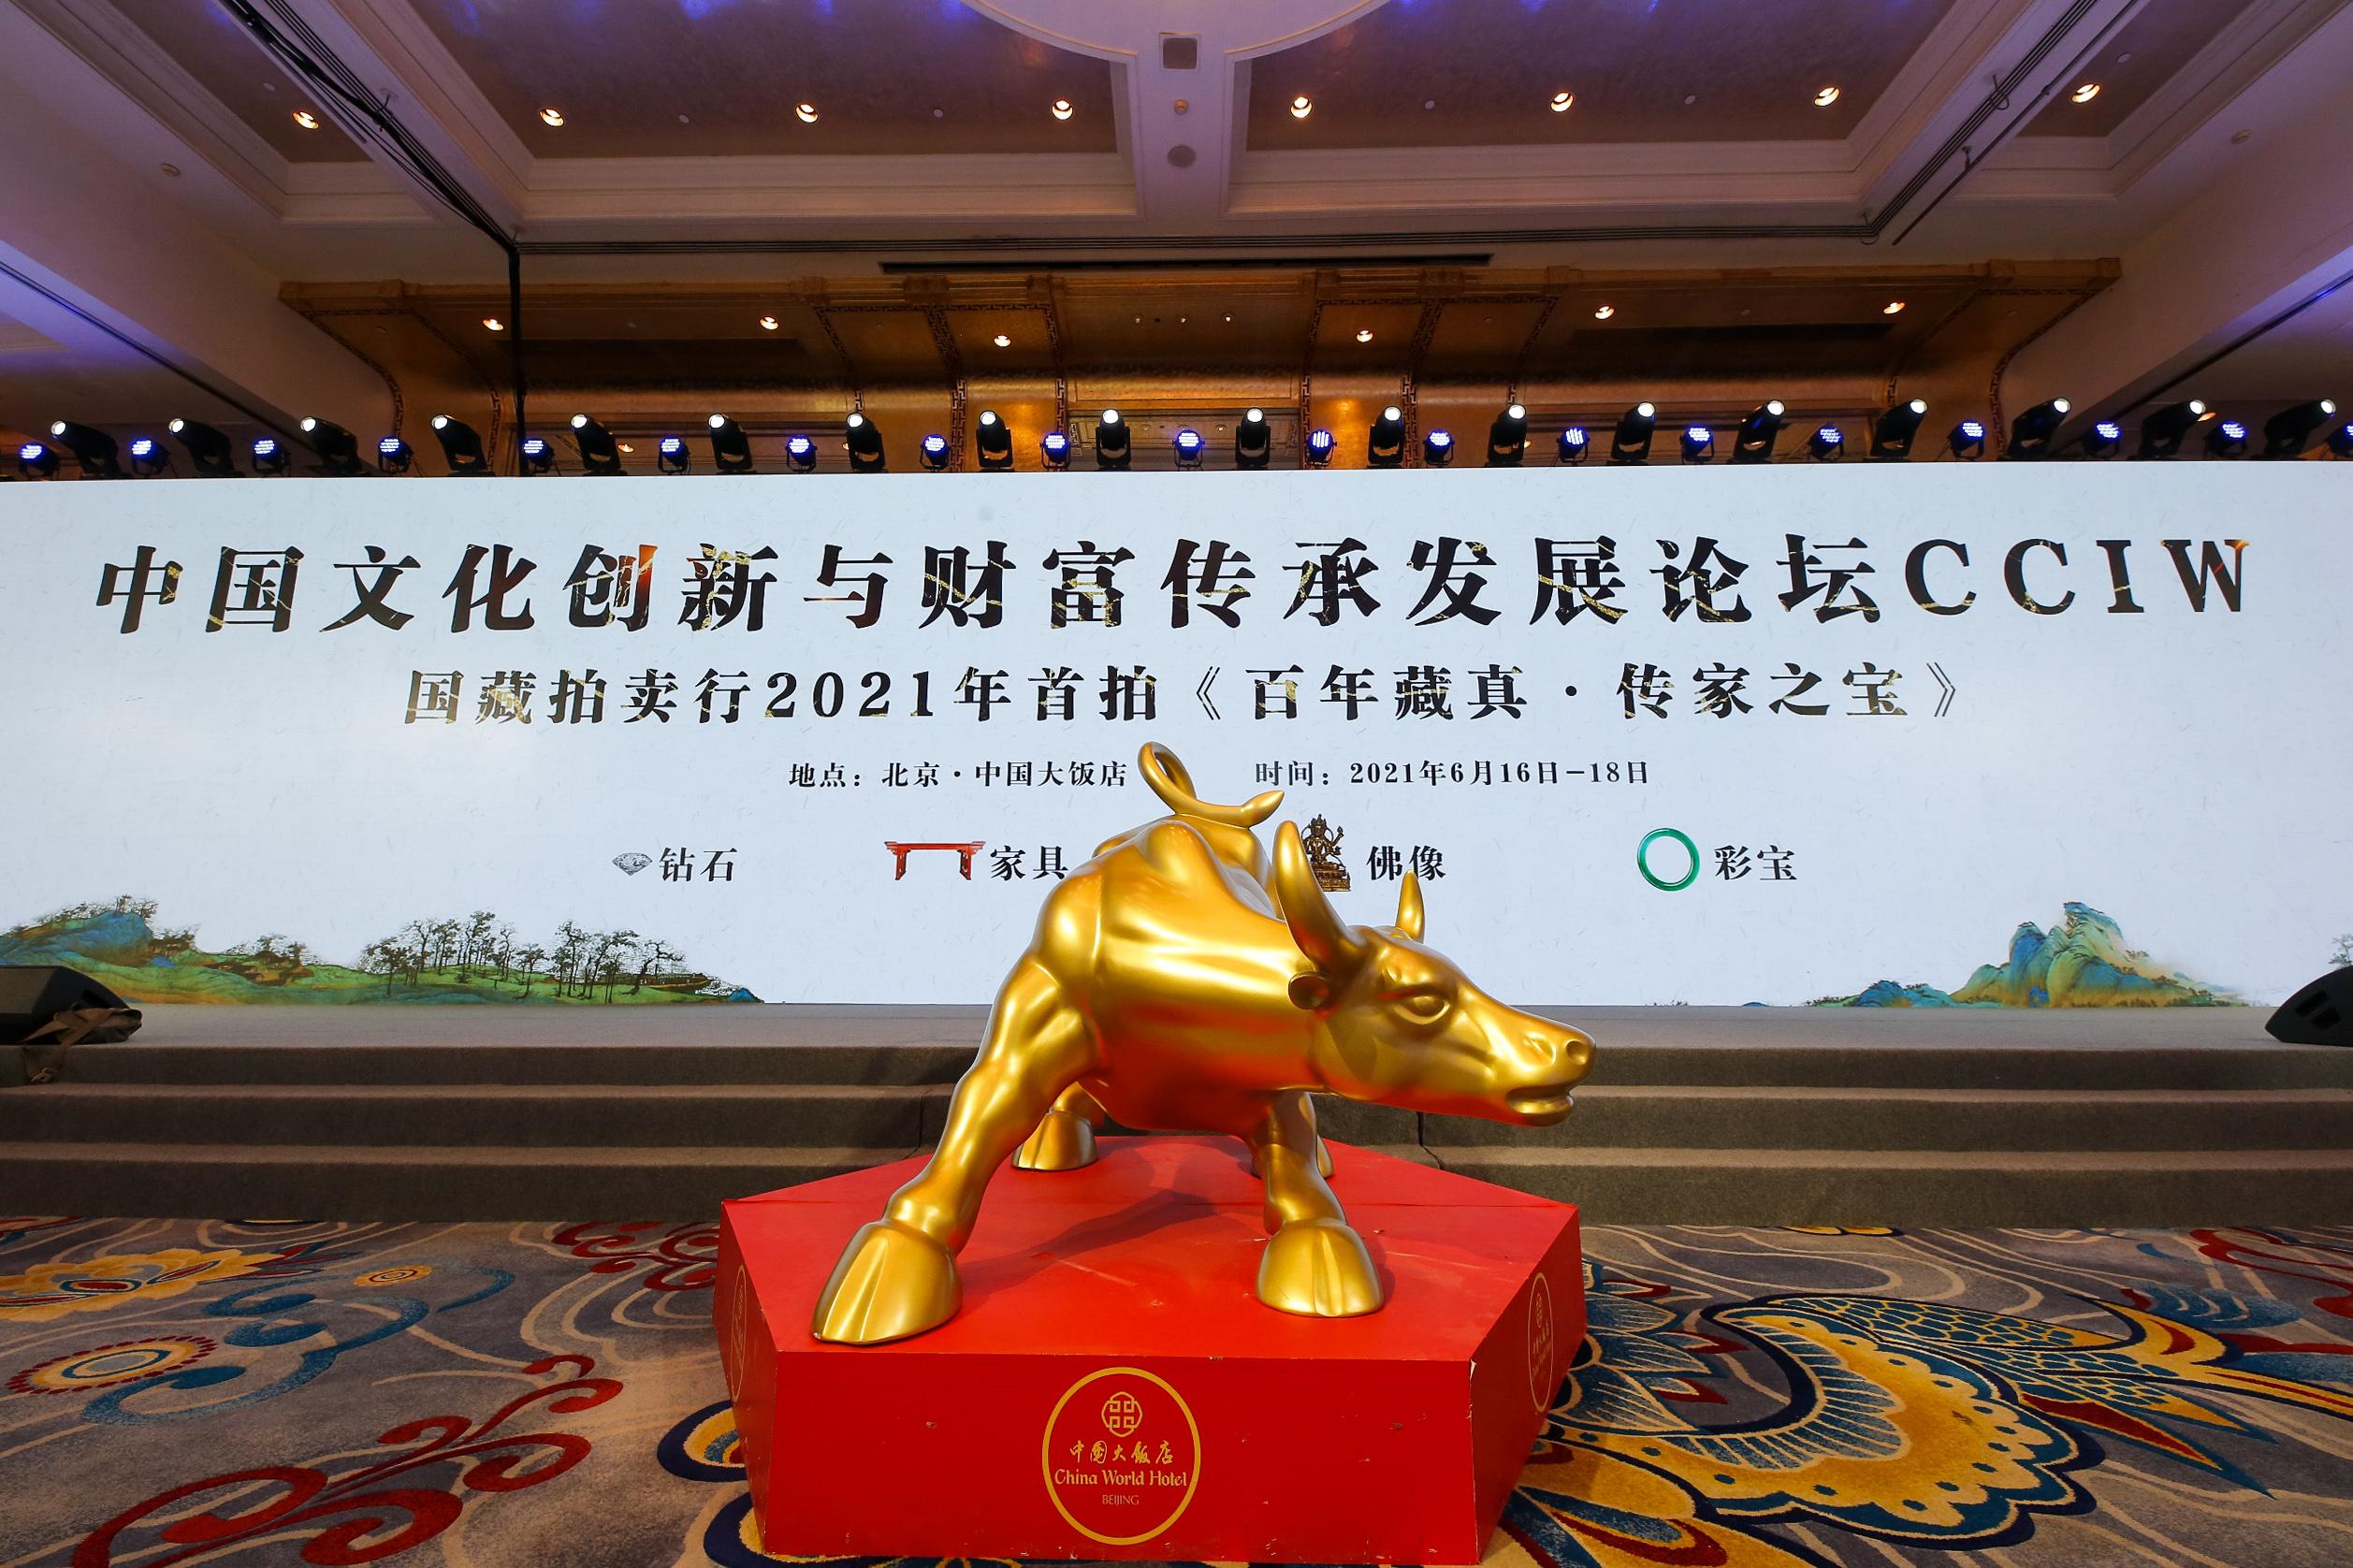 精彩纷呈:国藏拍卖行2021年春拍藏品欣赏